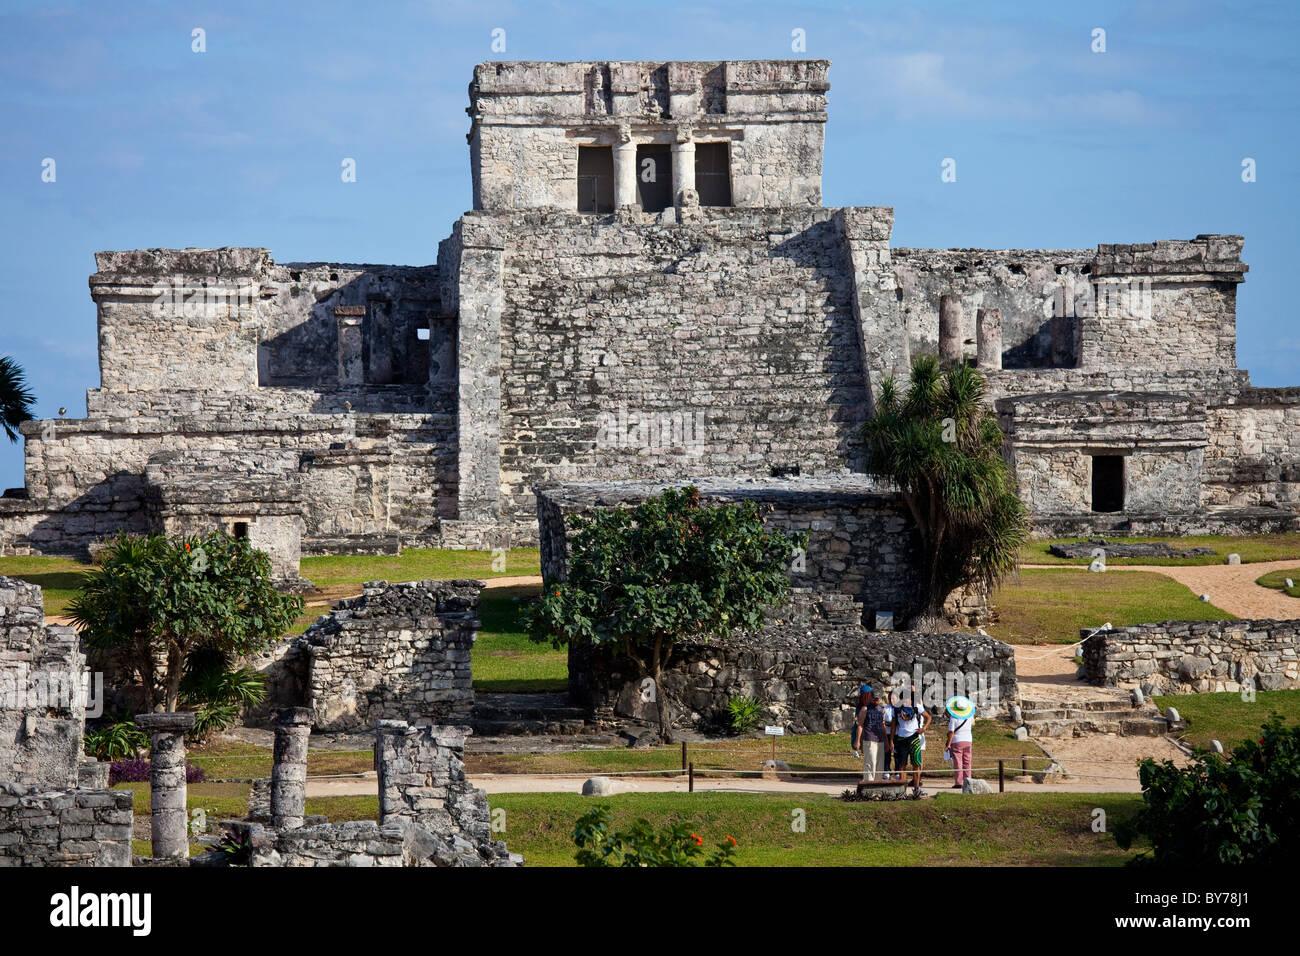 El Castillo, Tulum, Mayan ruins on the Yucatan Peninsula, Mexico - Stock Image